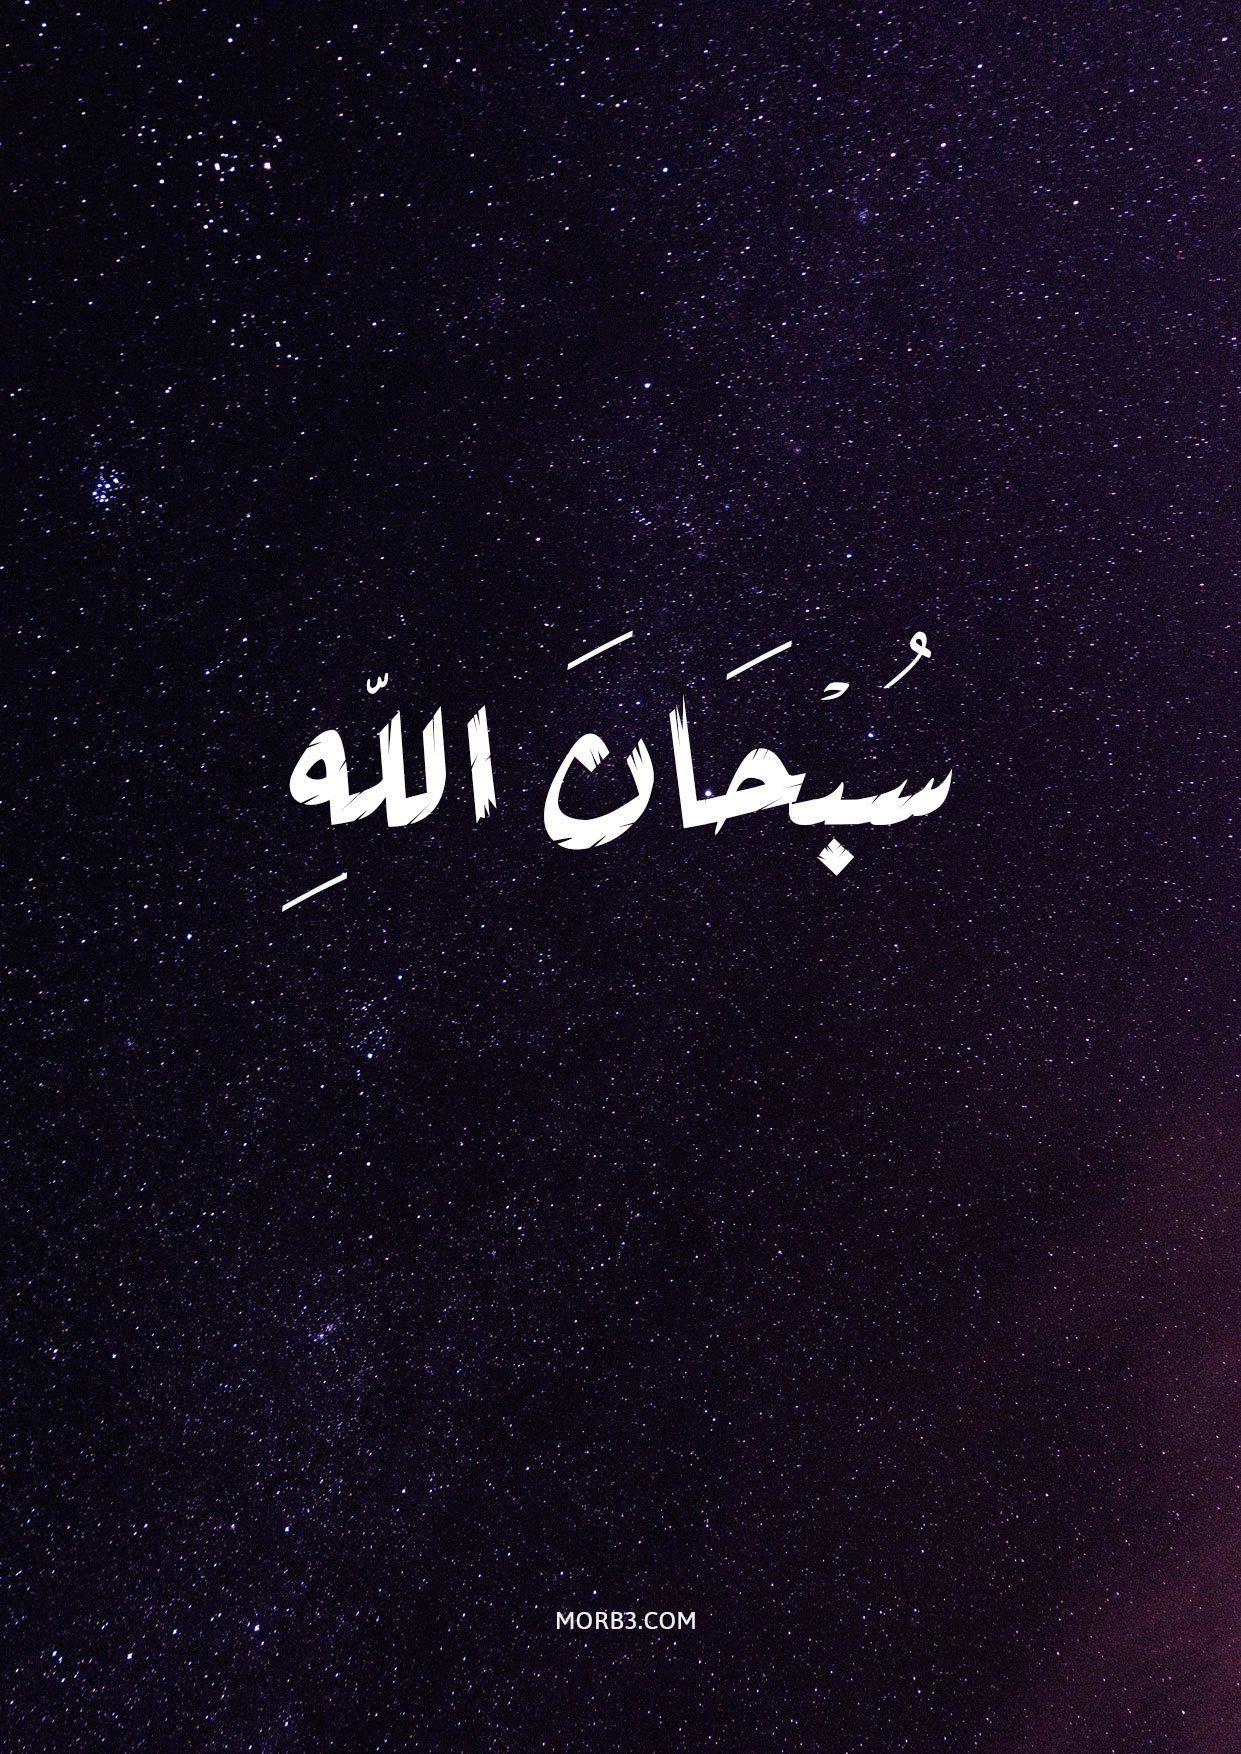 صور خلفيات اسلامية دينية للموبايل ايفون صور مكتوب عليها عبارات دينية Hd 2020 سبحان الله Apple Wallpaper Wallpaper